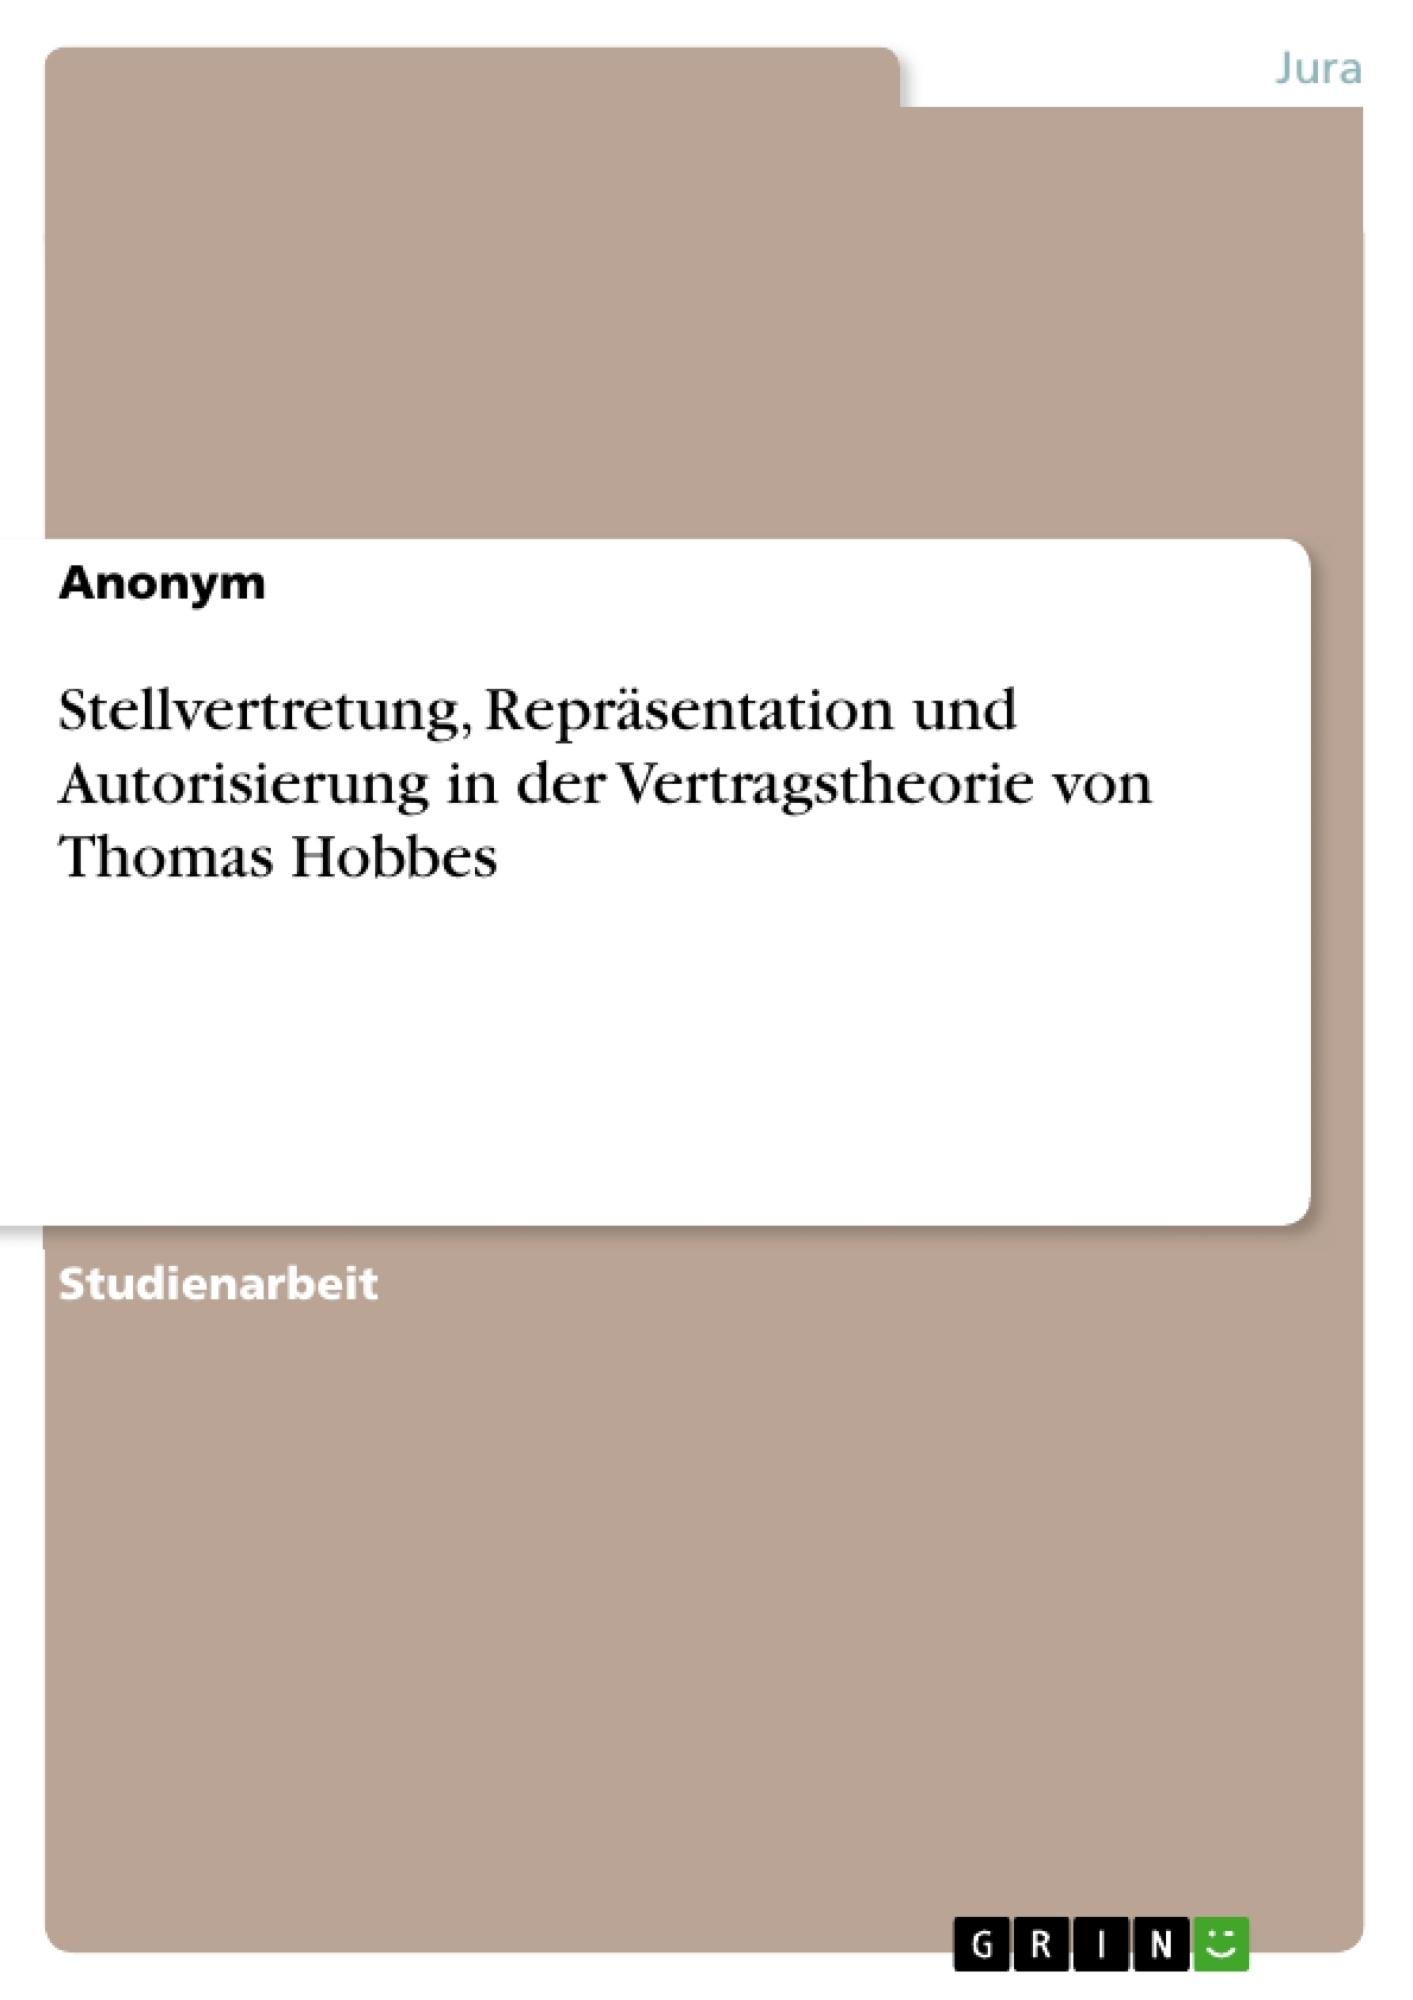 Titel: Stellvertretung, Repräsentation und Autorisierung in der Vertragstheorie von Thomas Hobbes